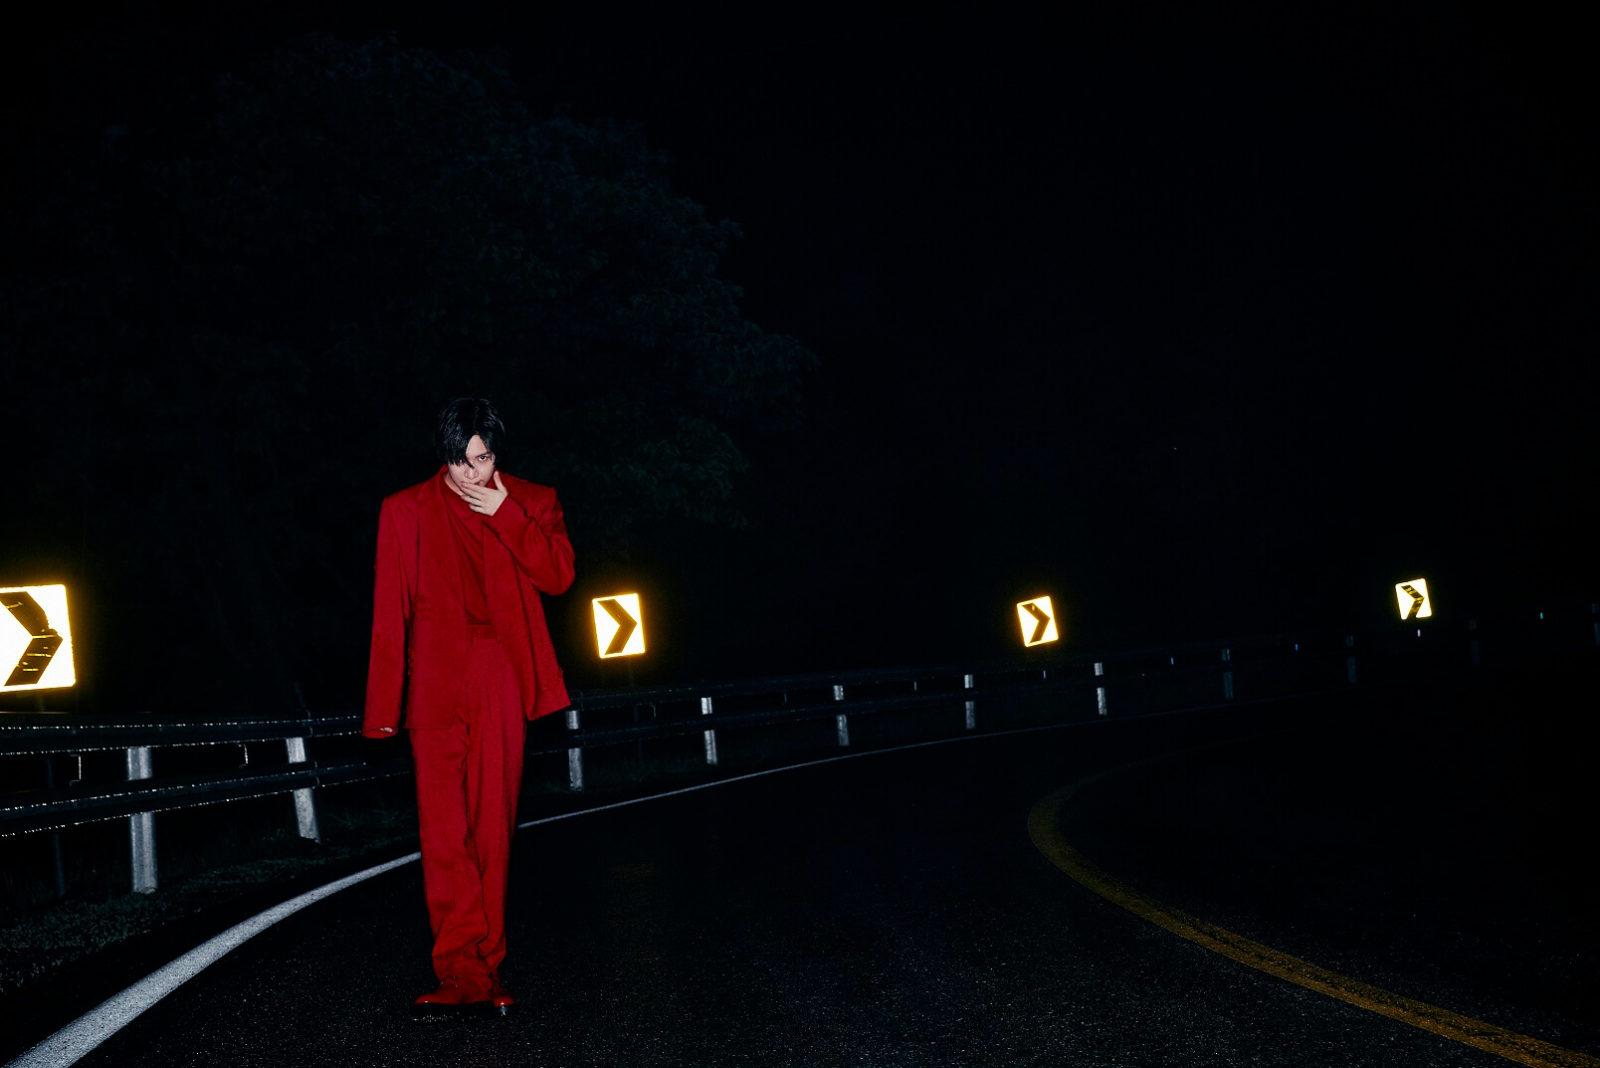 テミン(SHINee/SuperM) 、3rdアルバム『Never Gonna Dance Again: Act 1』の配信スタートサムネイル画像